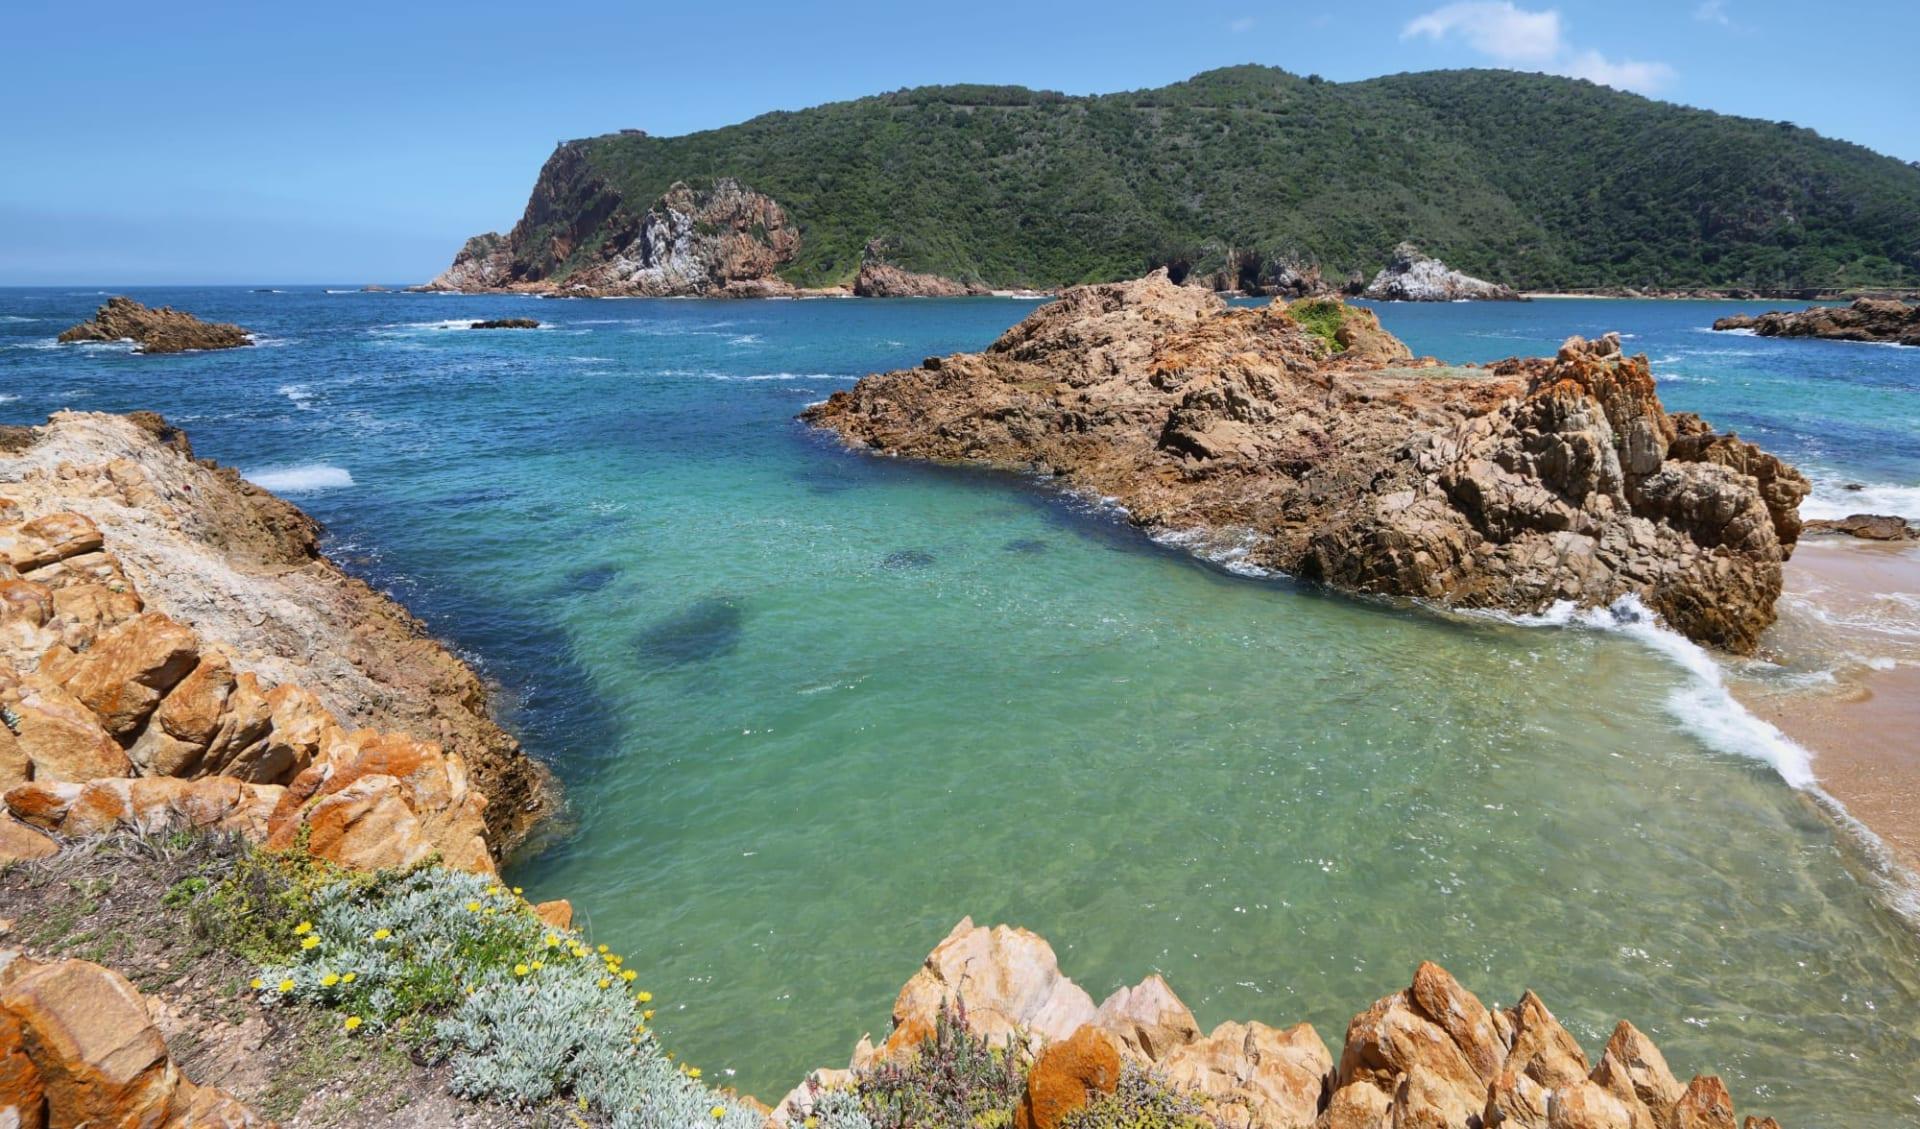 Südafrika erfahren ab Kapstadt: Südafrika - Garden Route - Knysna Lagune